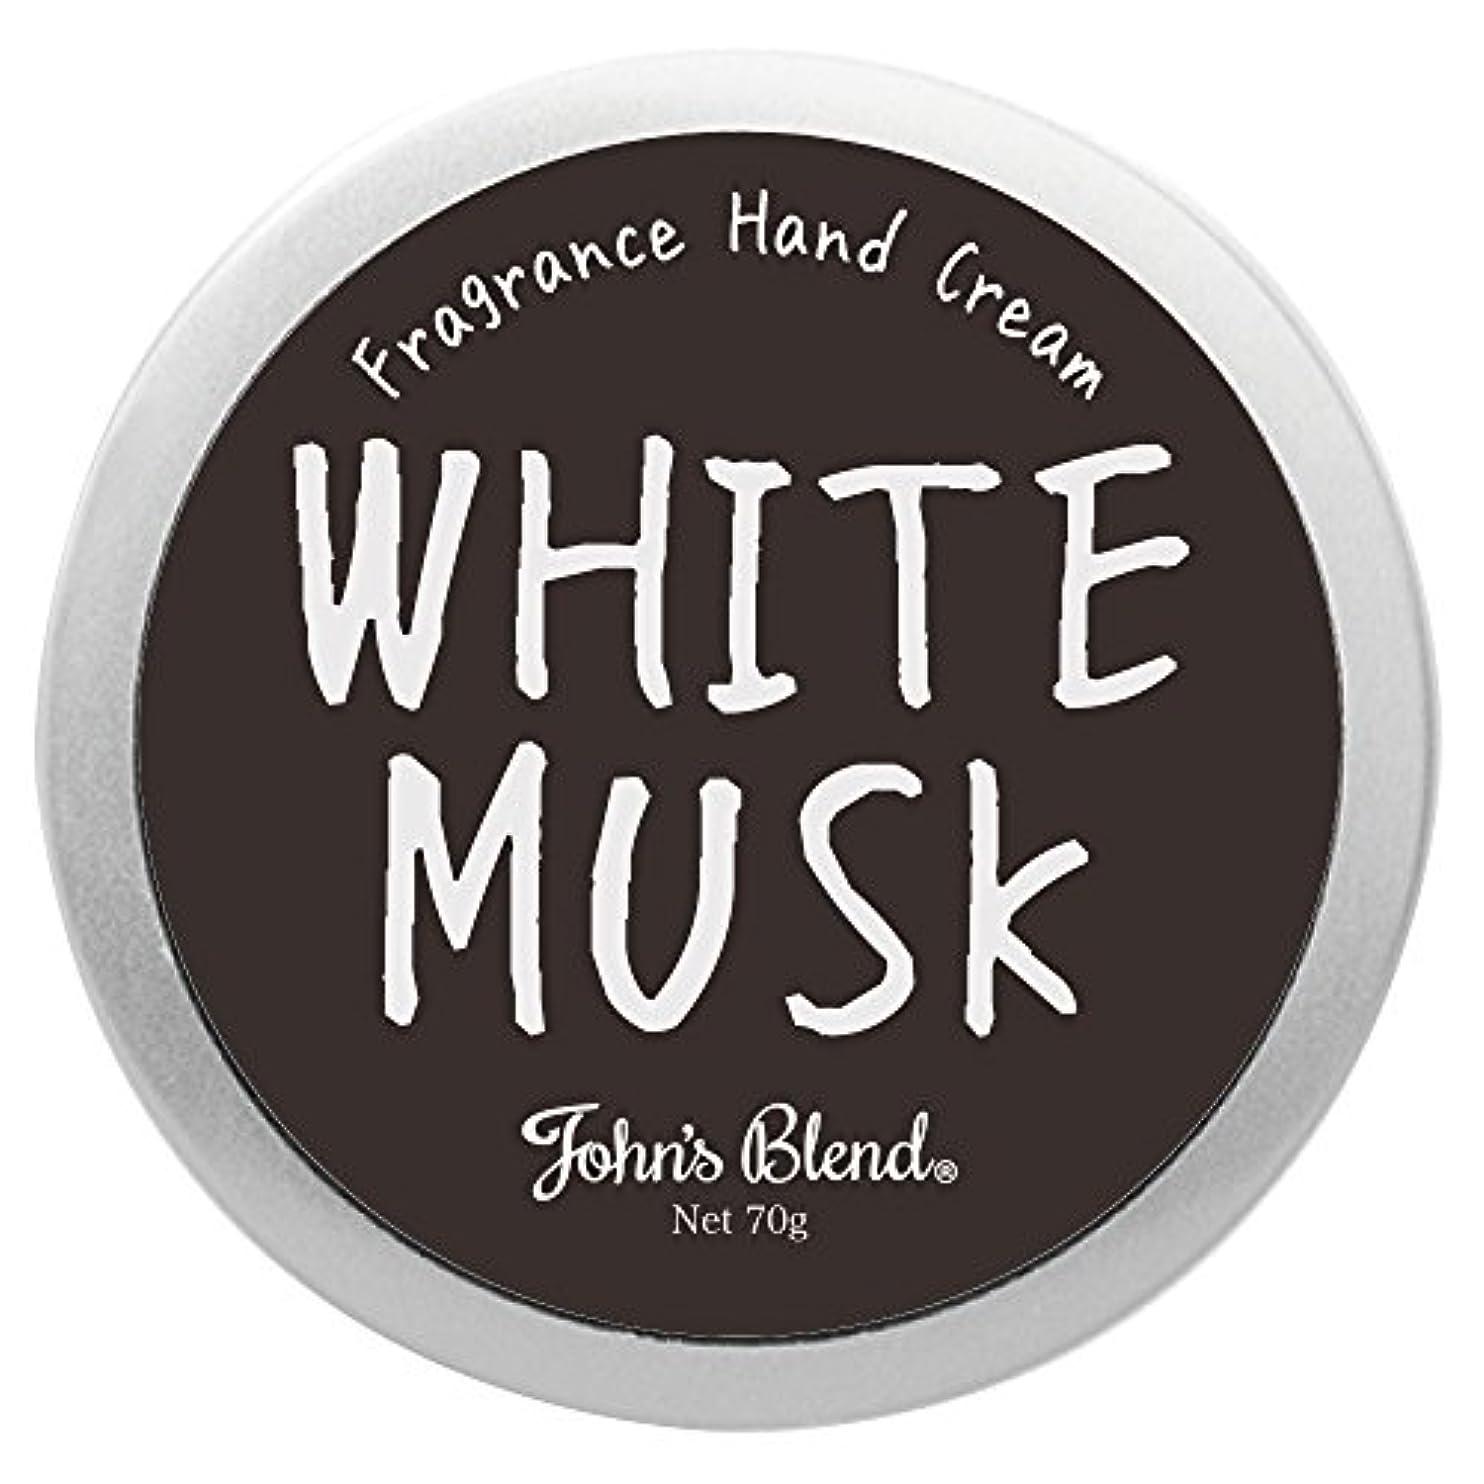 好意的タイト散文ノルコーポレーション John's Blend ハンドクリーム 保湿成分配合 OZ-JOD-1-1 ホワイトムスクの香り 70g